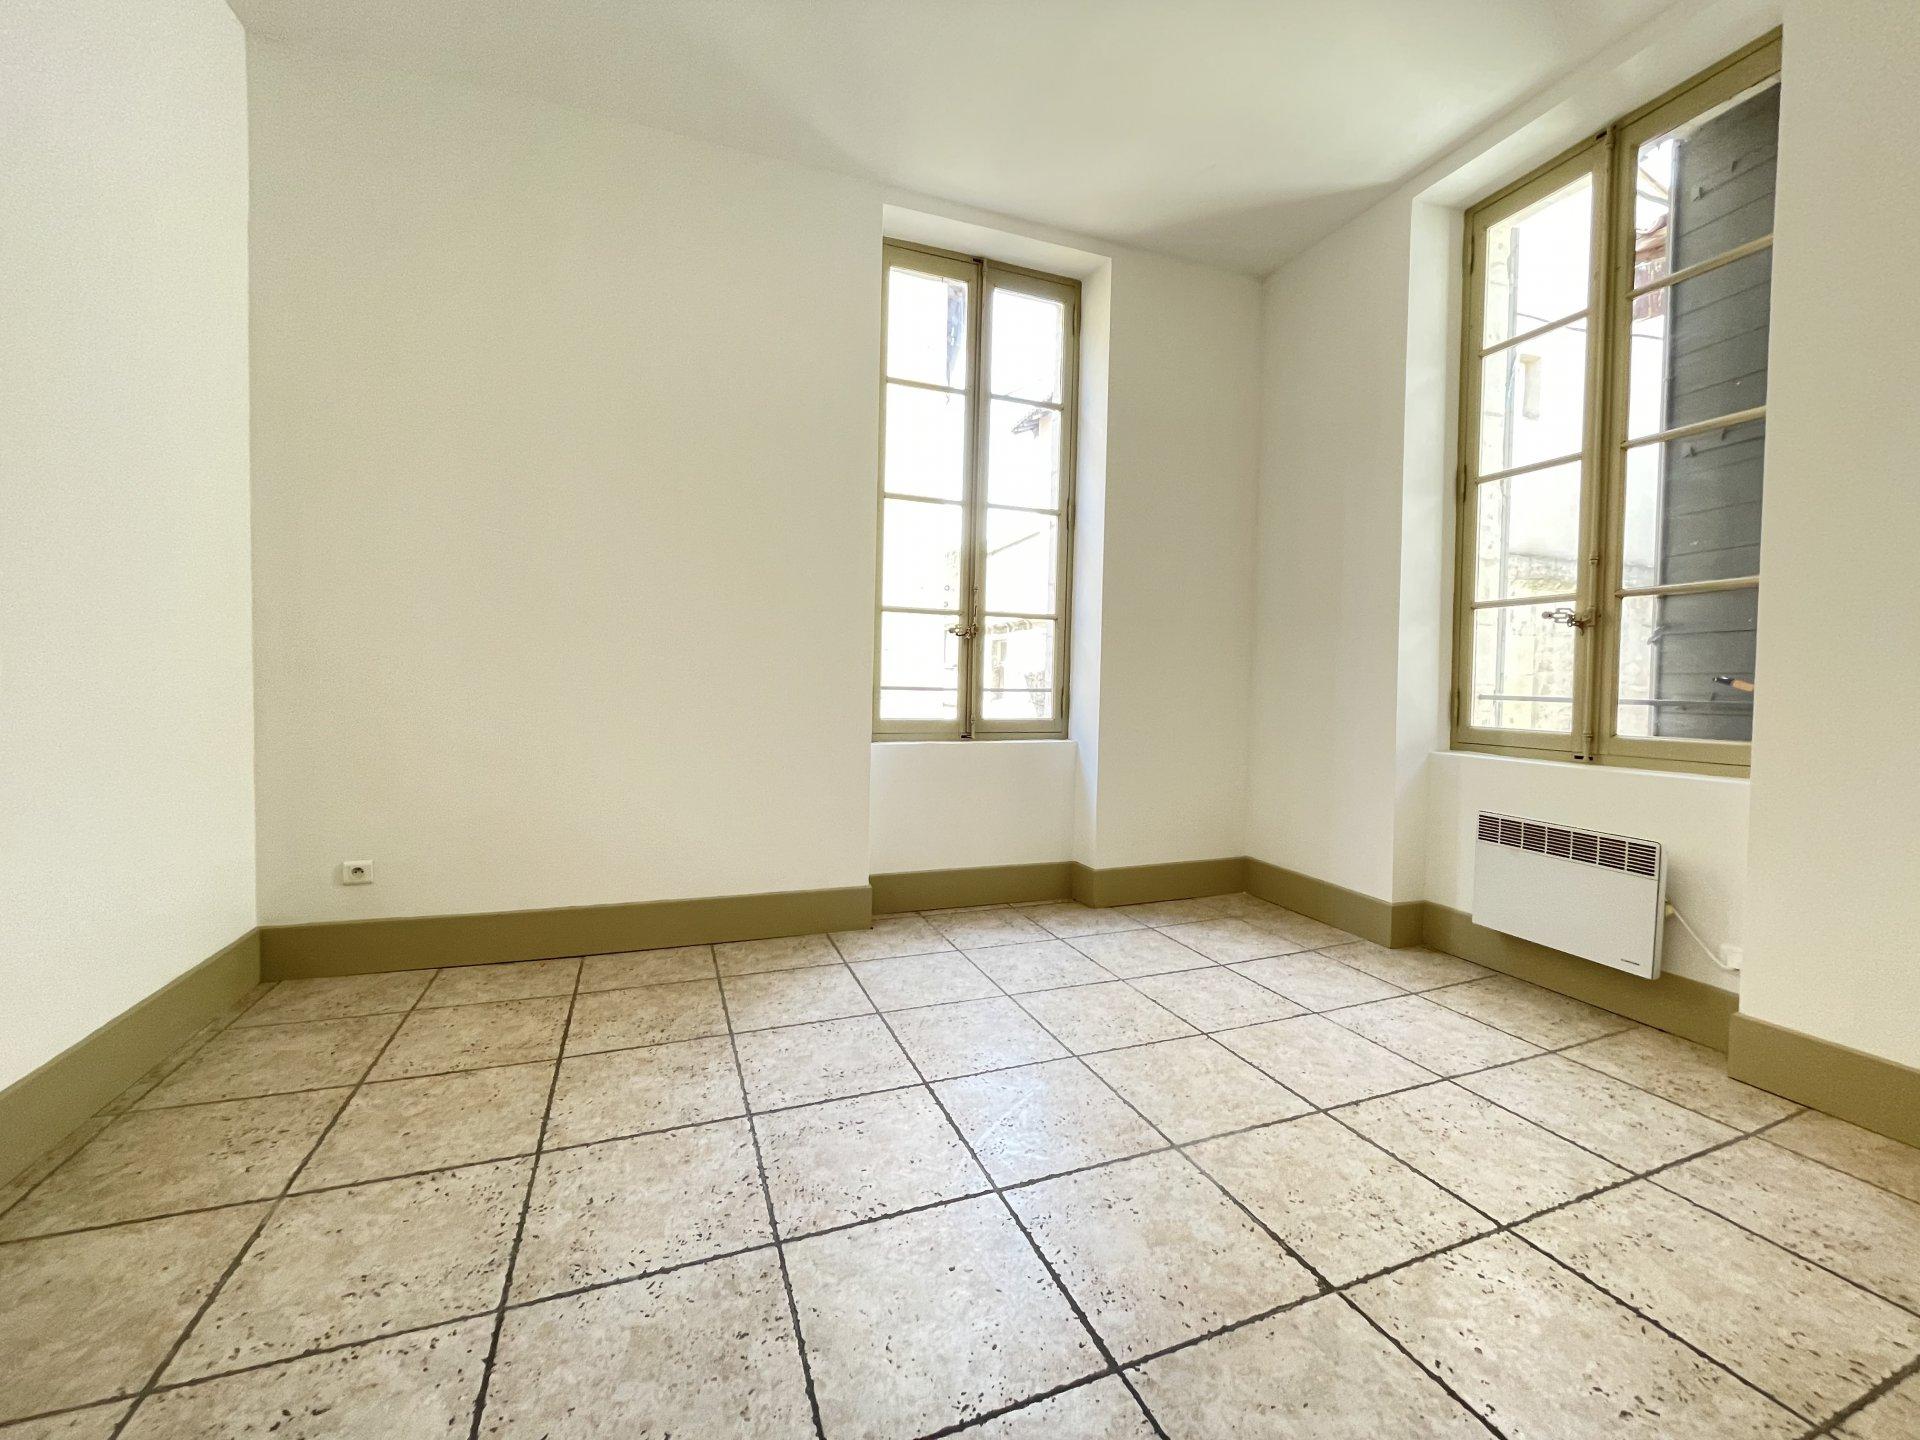 Vente Appartement BEAUCAIRE radiateur, individuel, electrique chauffage